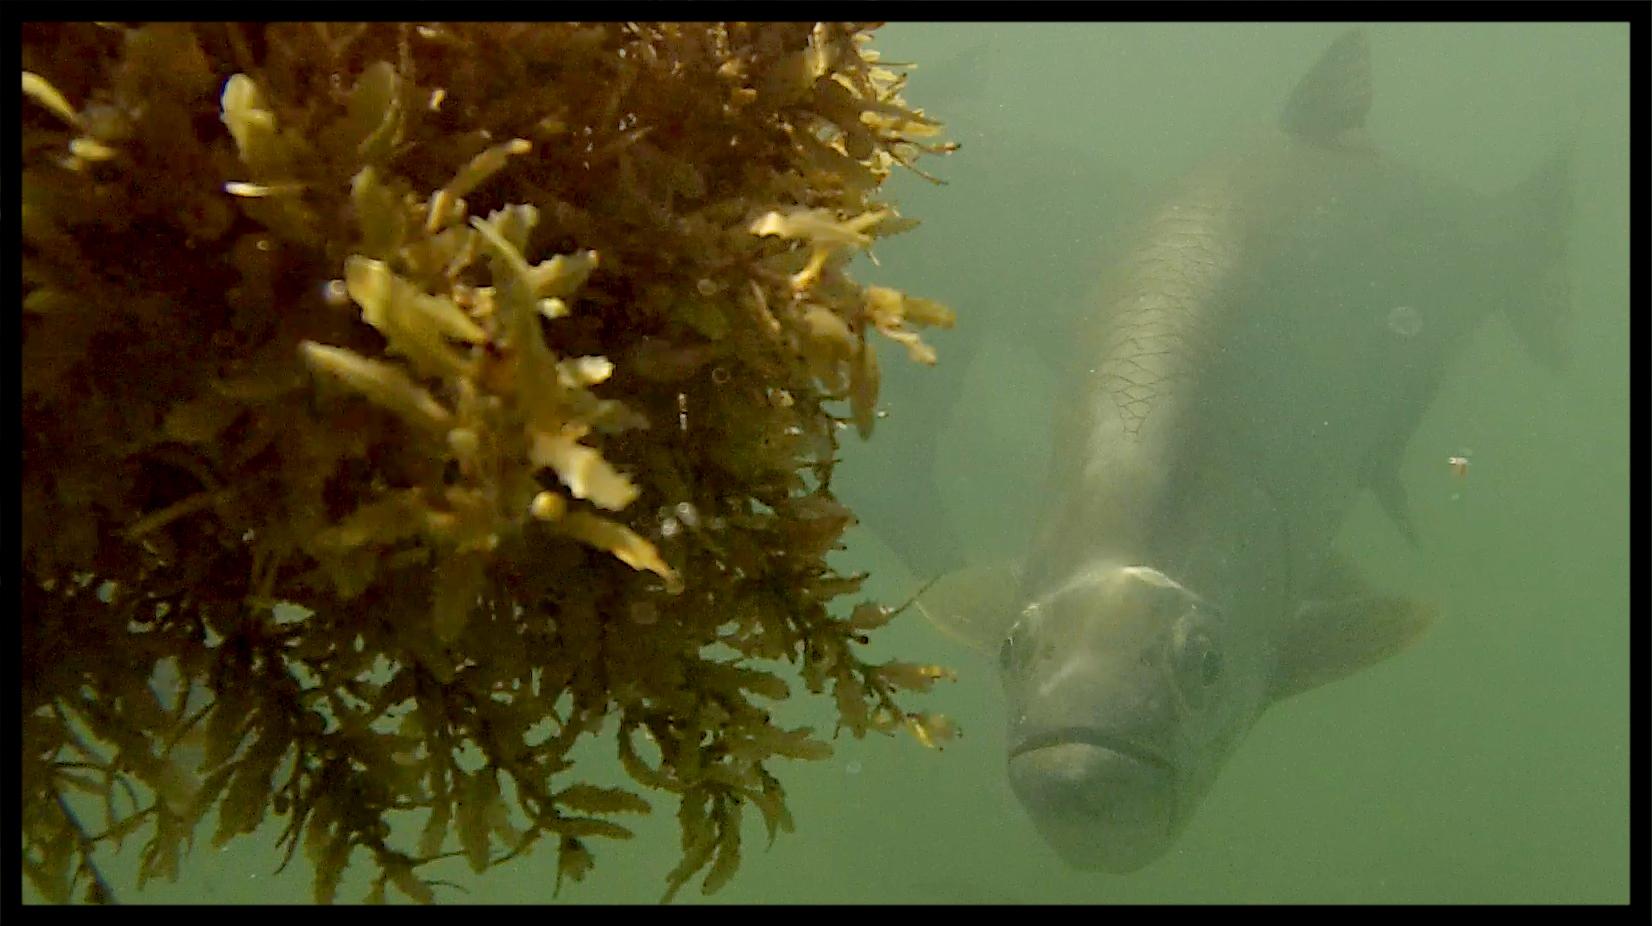 Tarpon and sargassum.